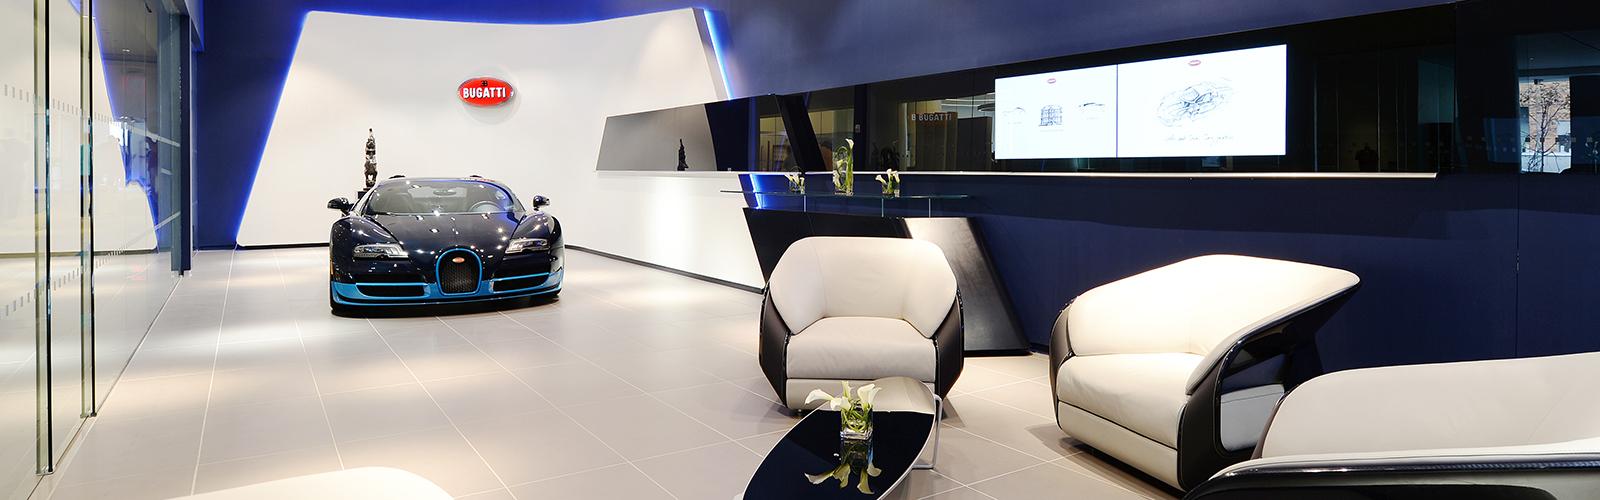 Braunwagner Spatial und Interior Design Bugatti Showrooms